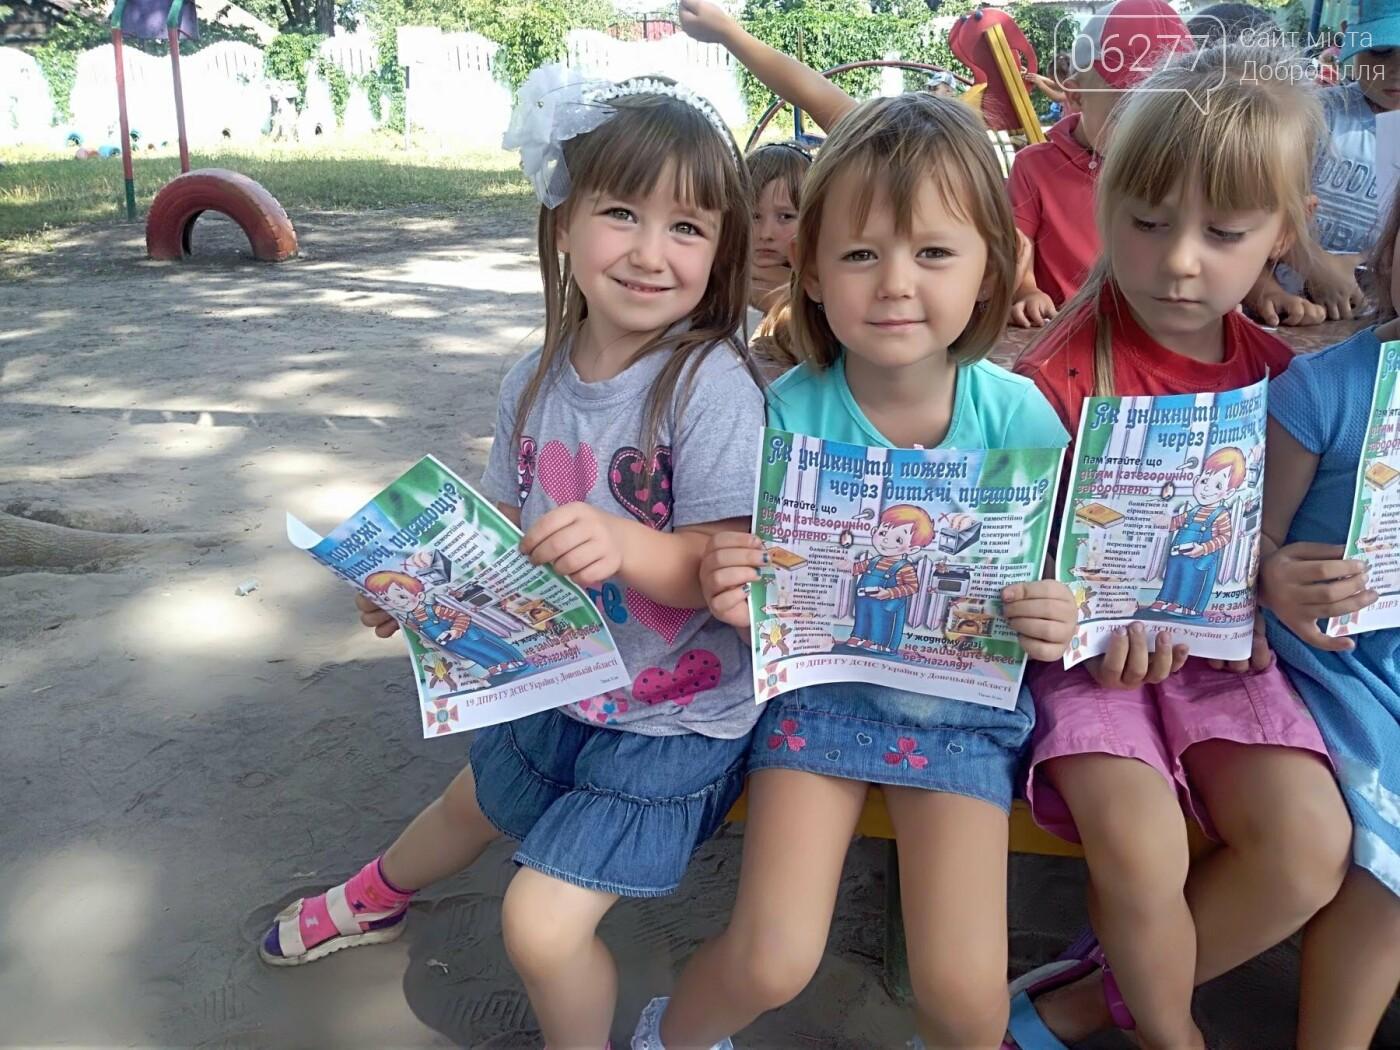 Рятувальники Добропілля провели інформаційно-роз'яснювальну роботу в дитячому садку, фото-2